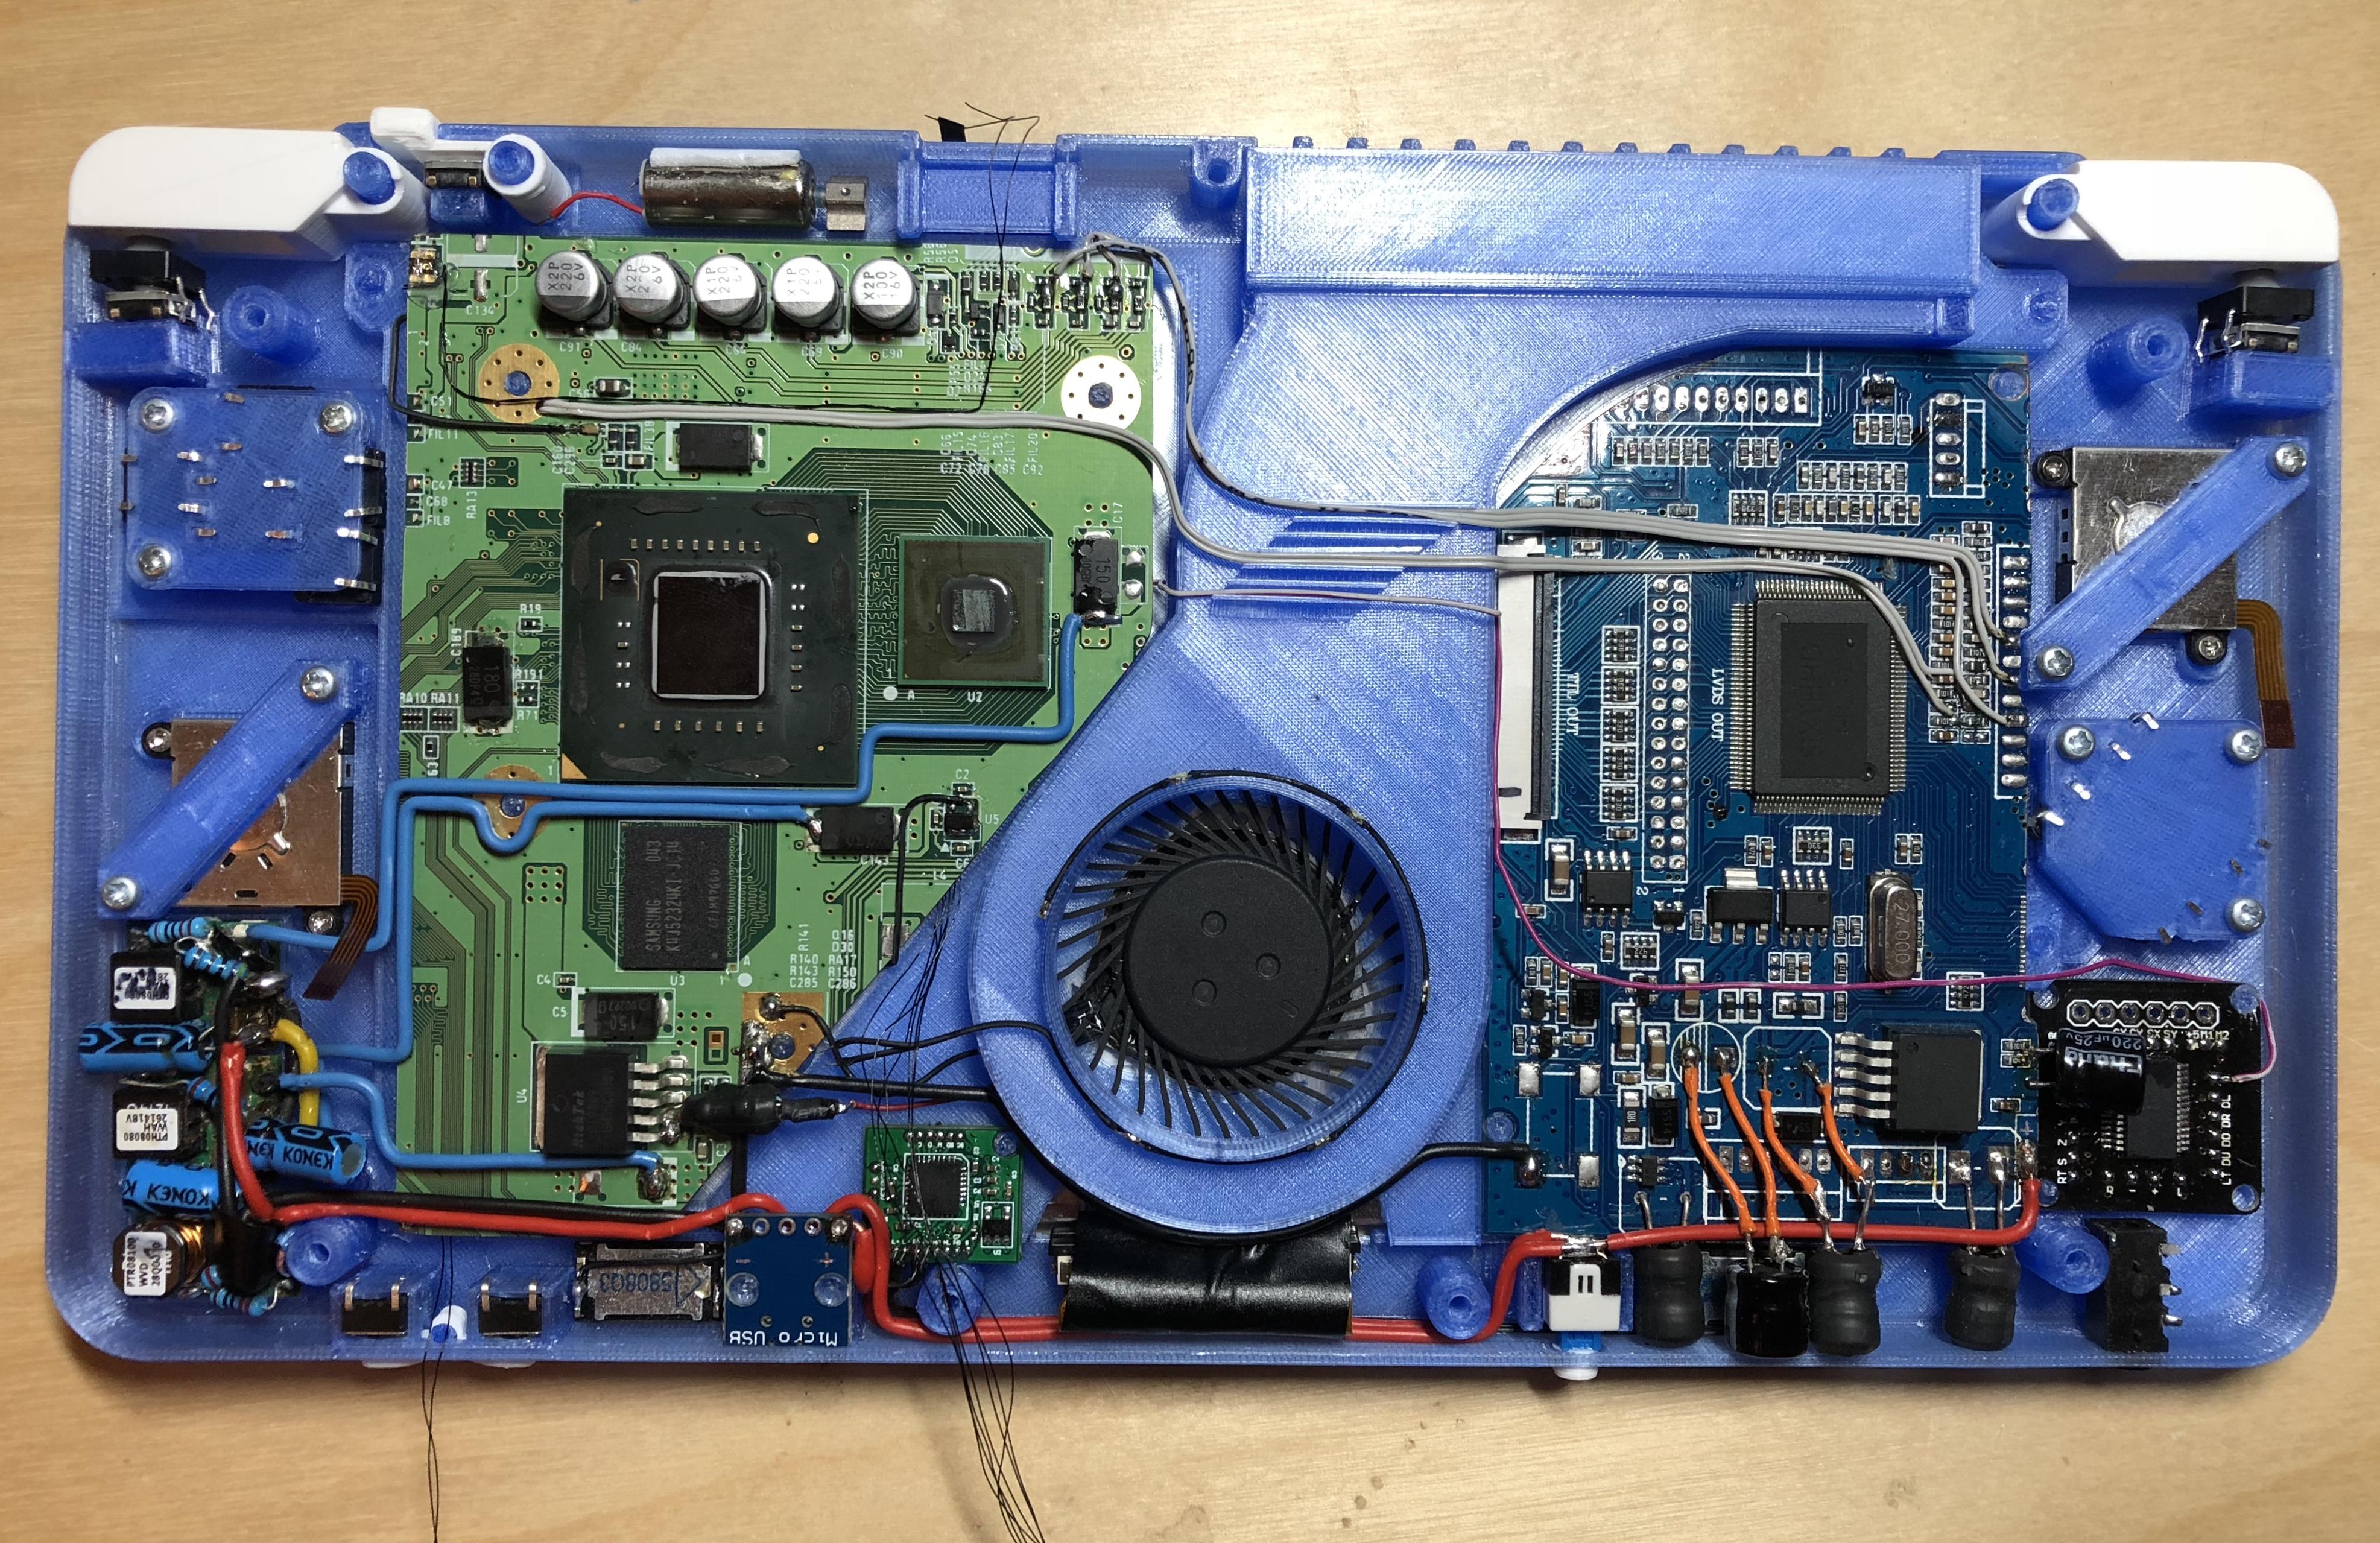 506DE046-3D86-4A16-A79A-BA82657249F9.jpeg